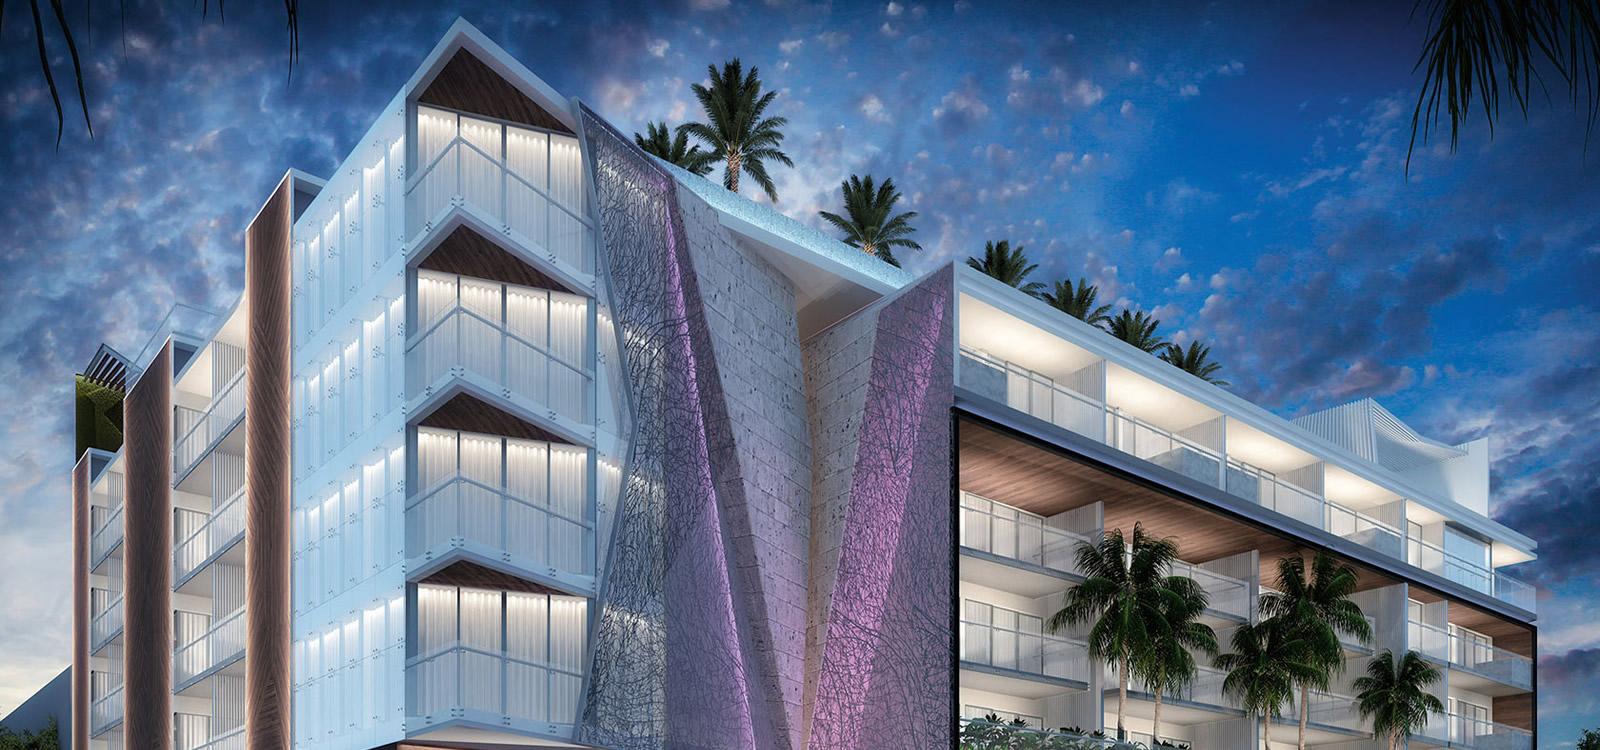 2 bedroom condos for sale playa del carmen riviera maya for Actual studio muebles playa del carmen